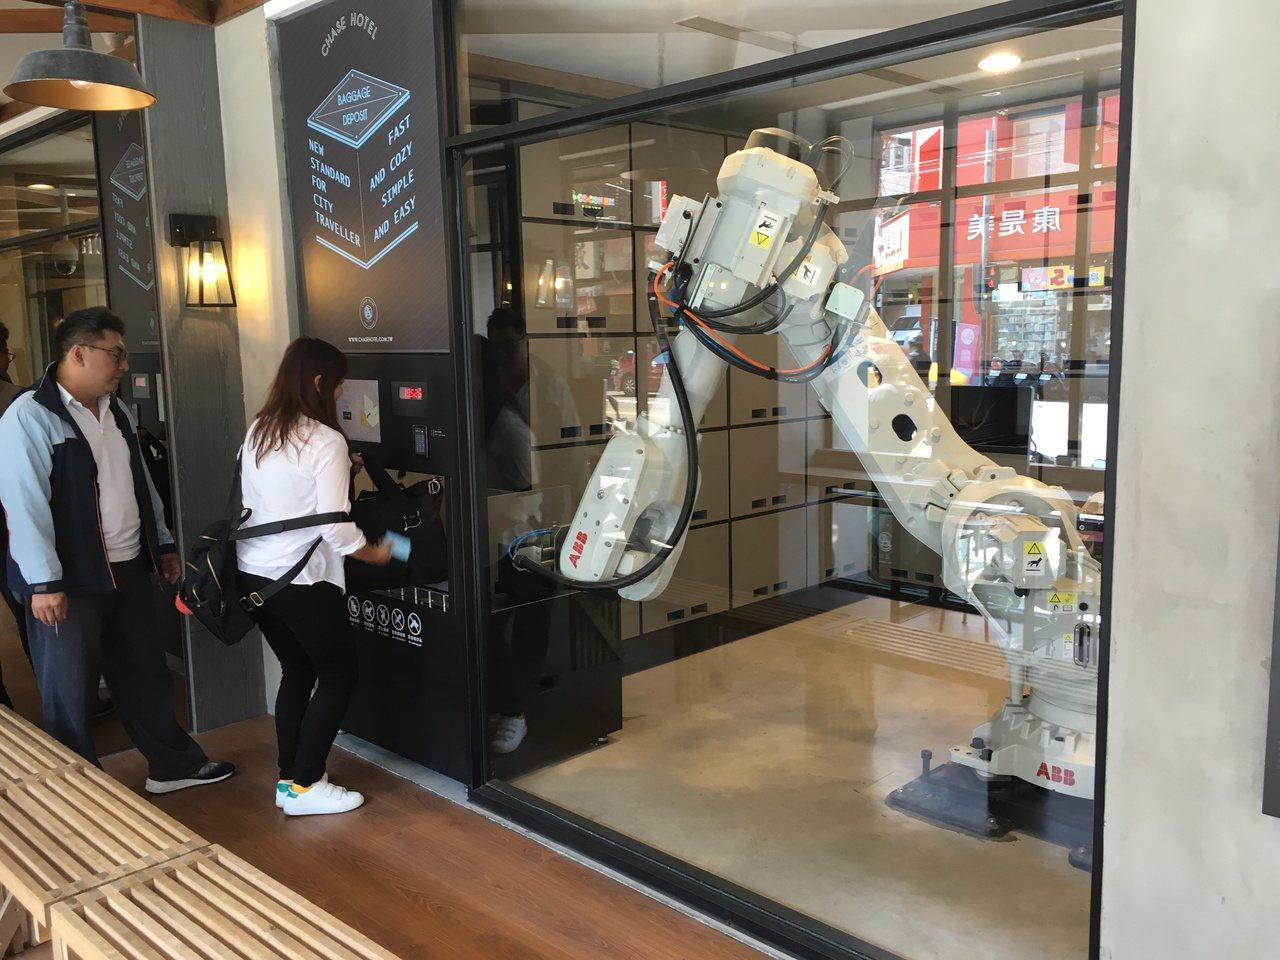 「鵲絲」旅店有機器人可為旅客提供行李存取等服務。記者宋健生/攝影